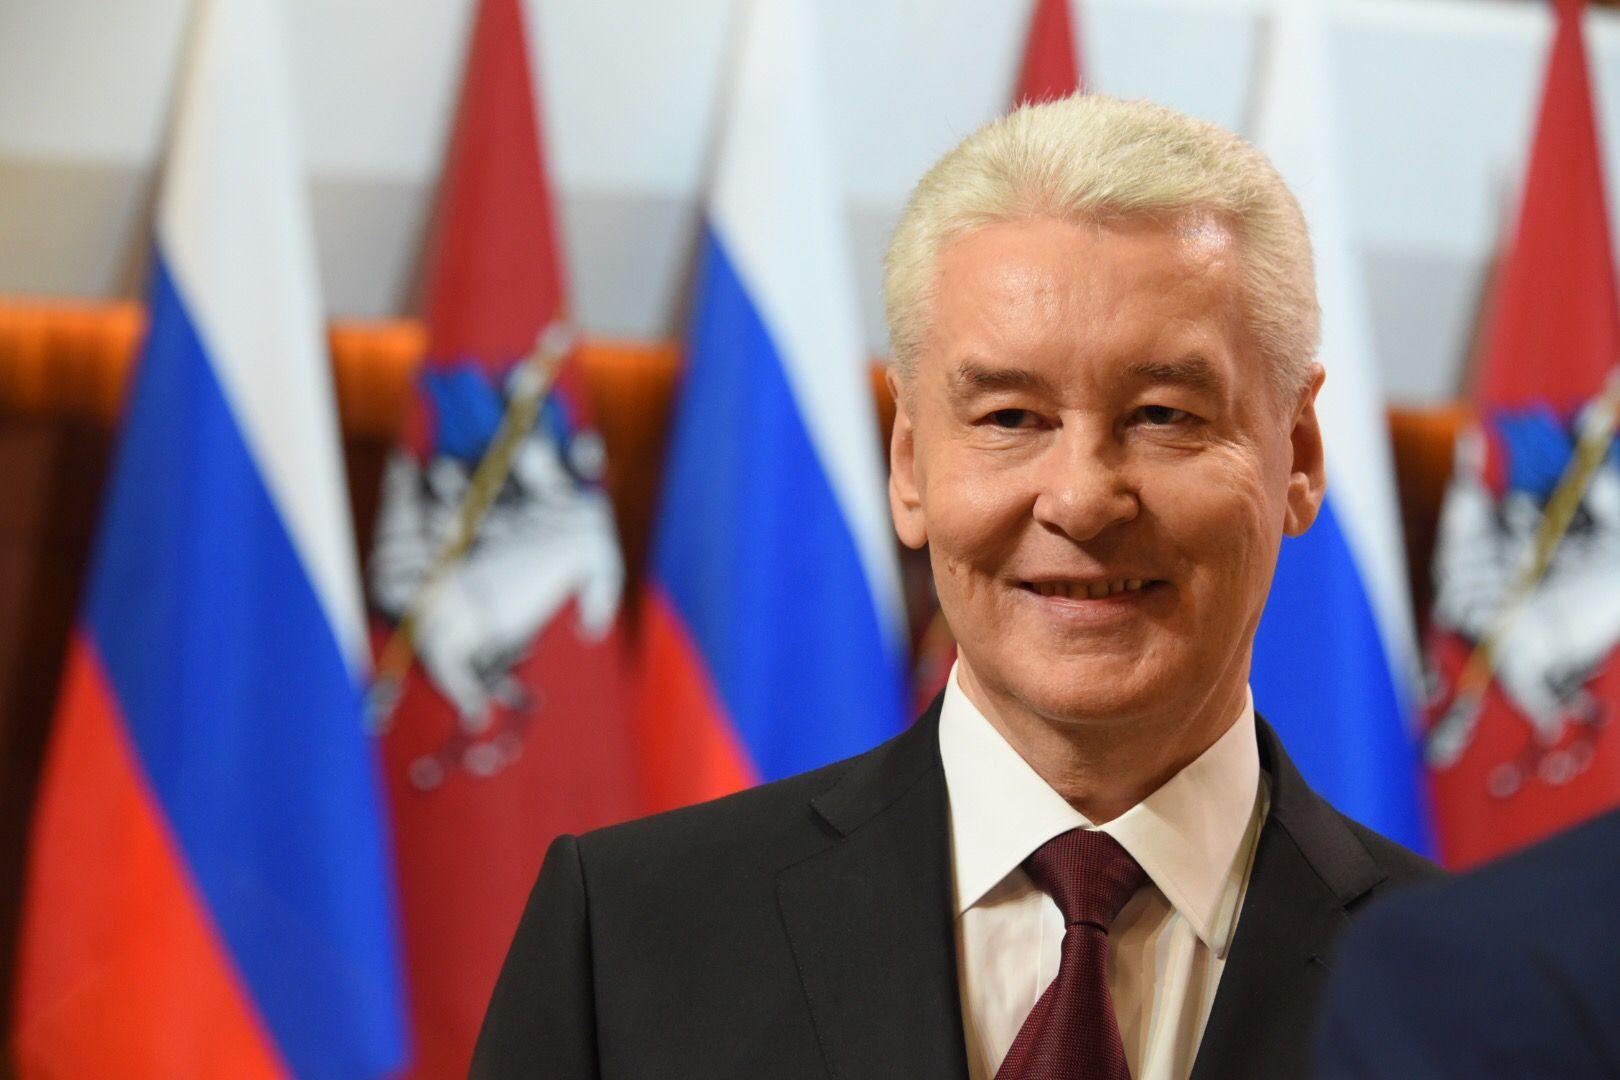 Сергей Собянин сделал подарок Владимиру Путину на Московских центральных диаметрах